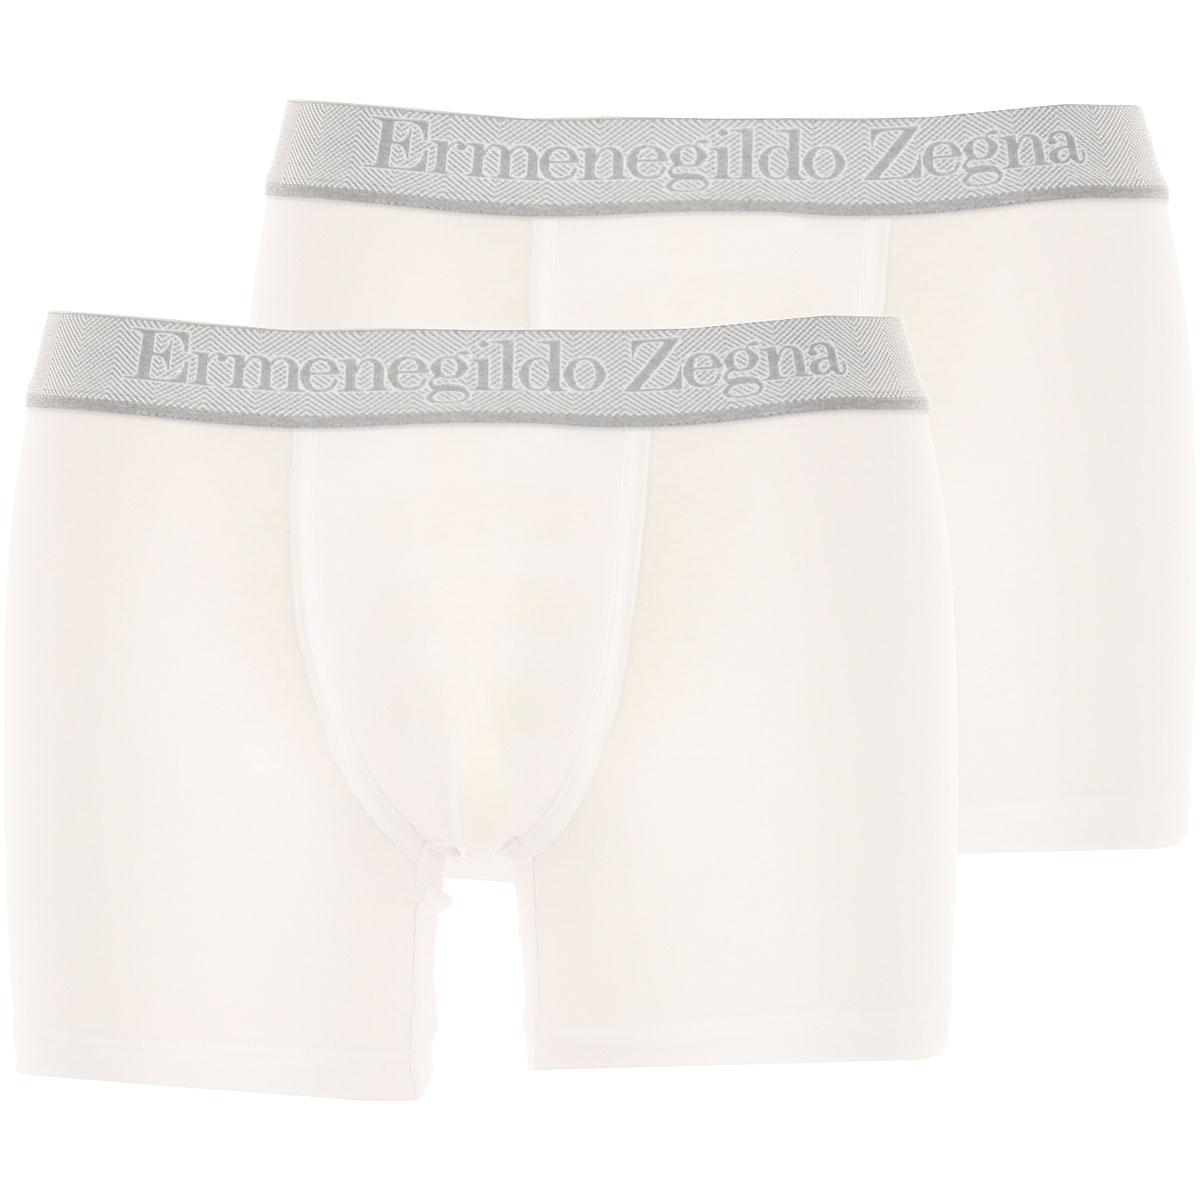 Ermenegildo Zegna Boxer Briefs for Men, Boxers On Sale, 2 Pack, White, Cotton, 2019, M (EU 4) S (EU 3) L (EU 5) XL (EU 6)